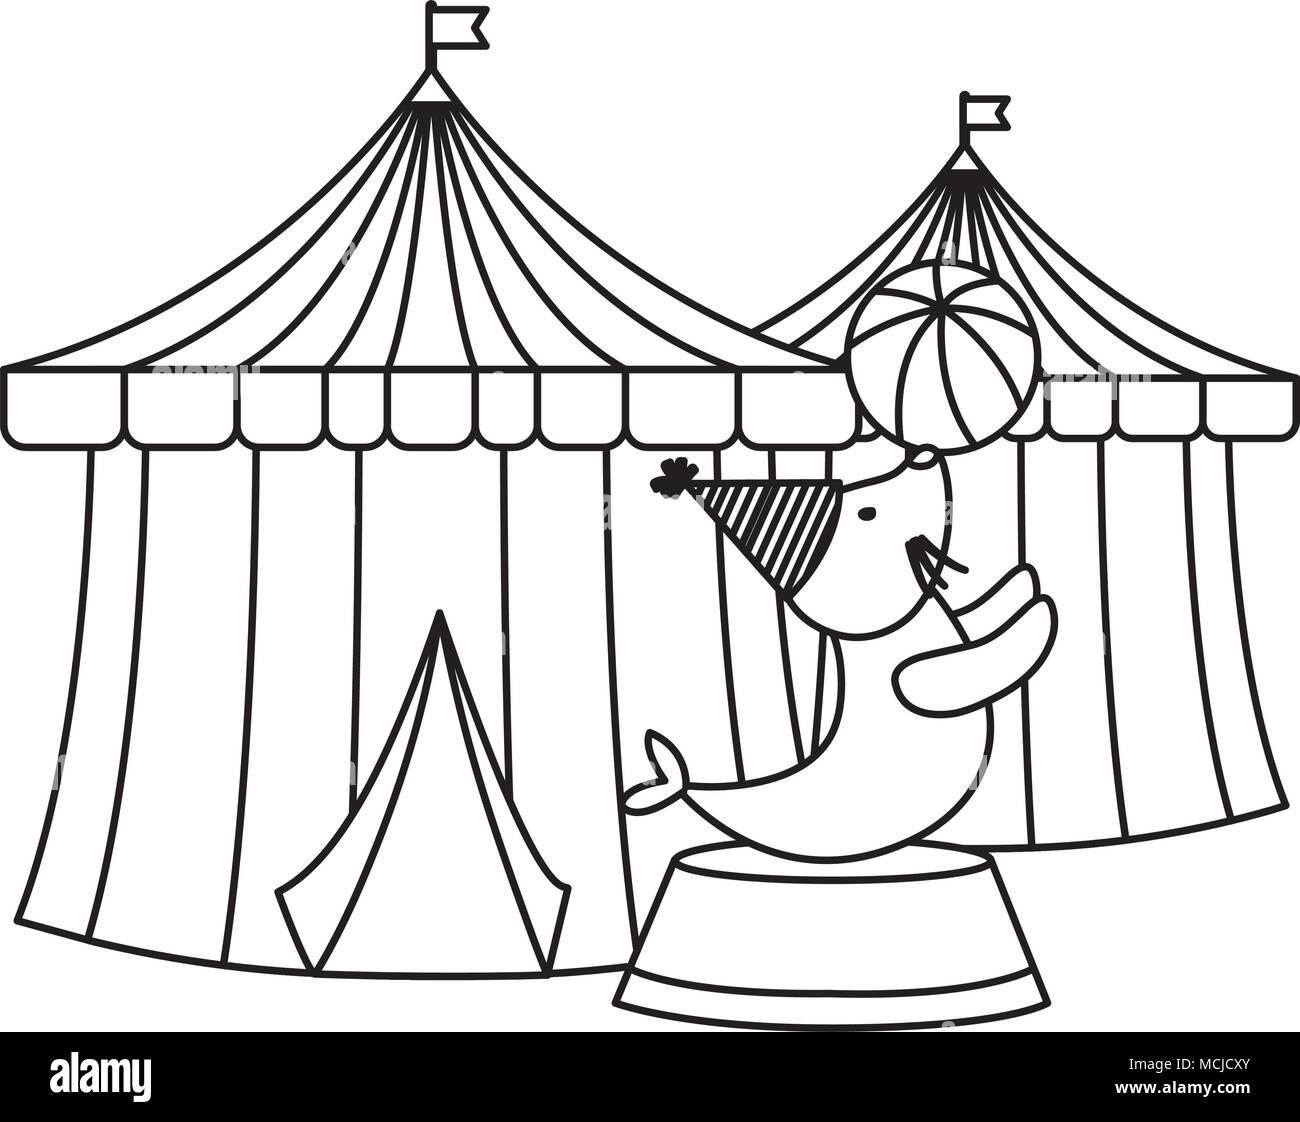 Atractivo Sello De Circo Para Colorear Molde - Dibujos Para Colorear ...